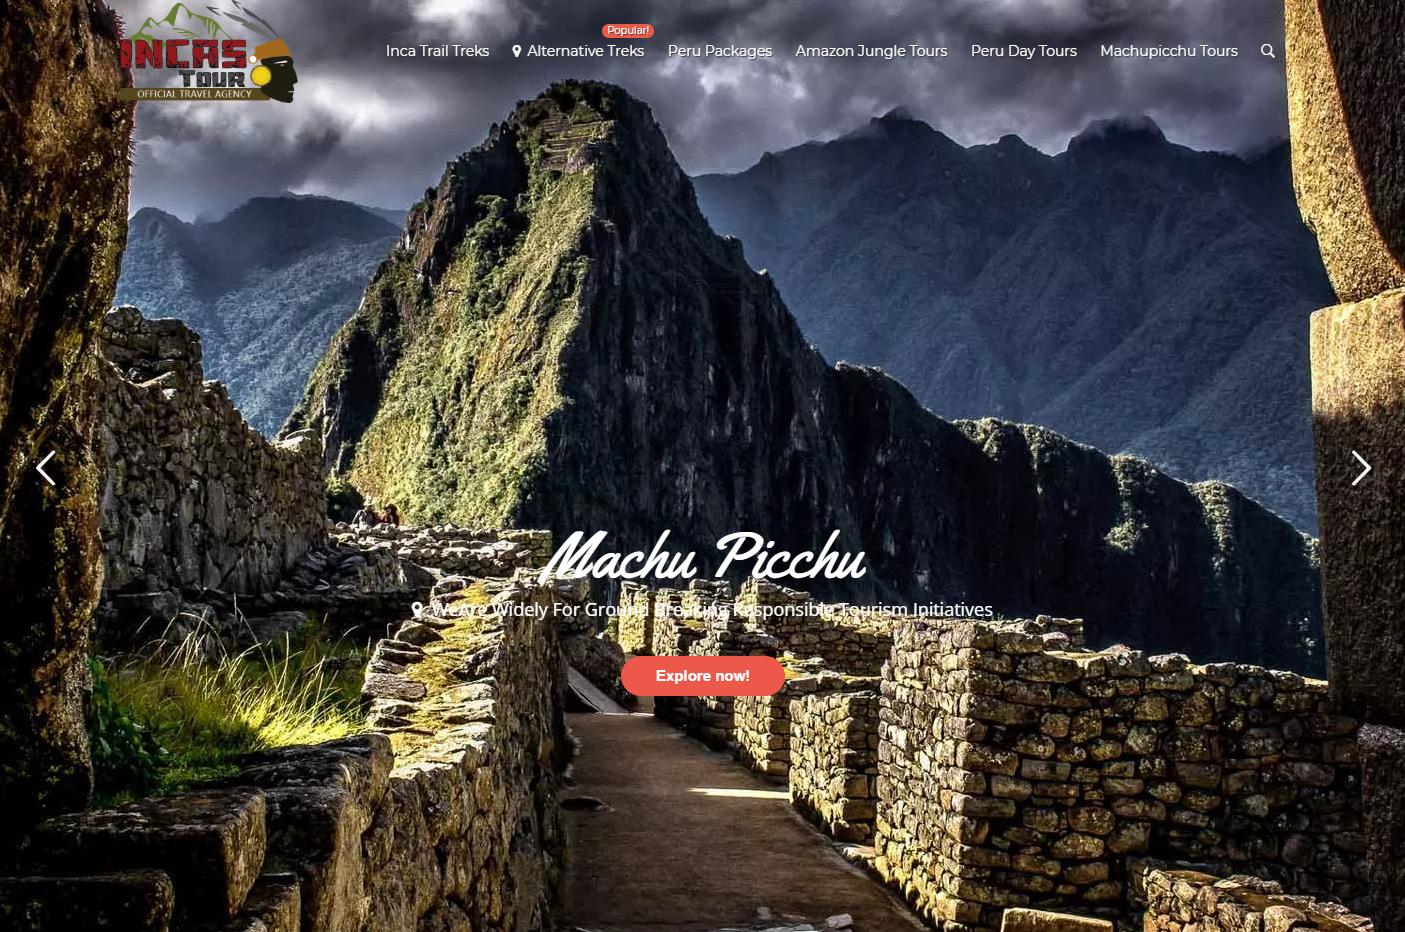 Incas Tour